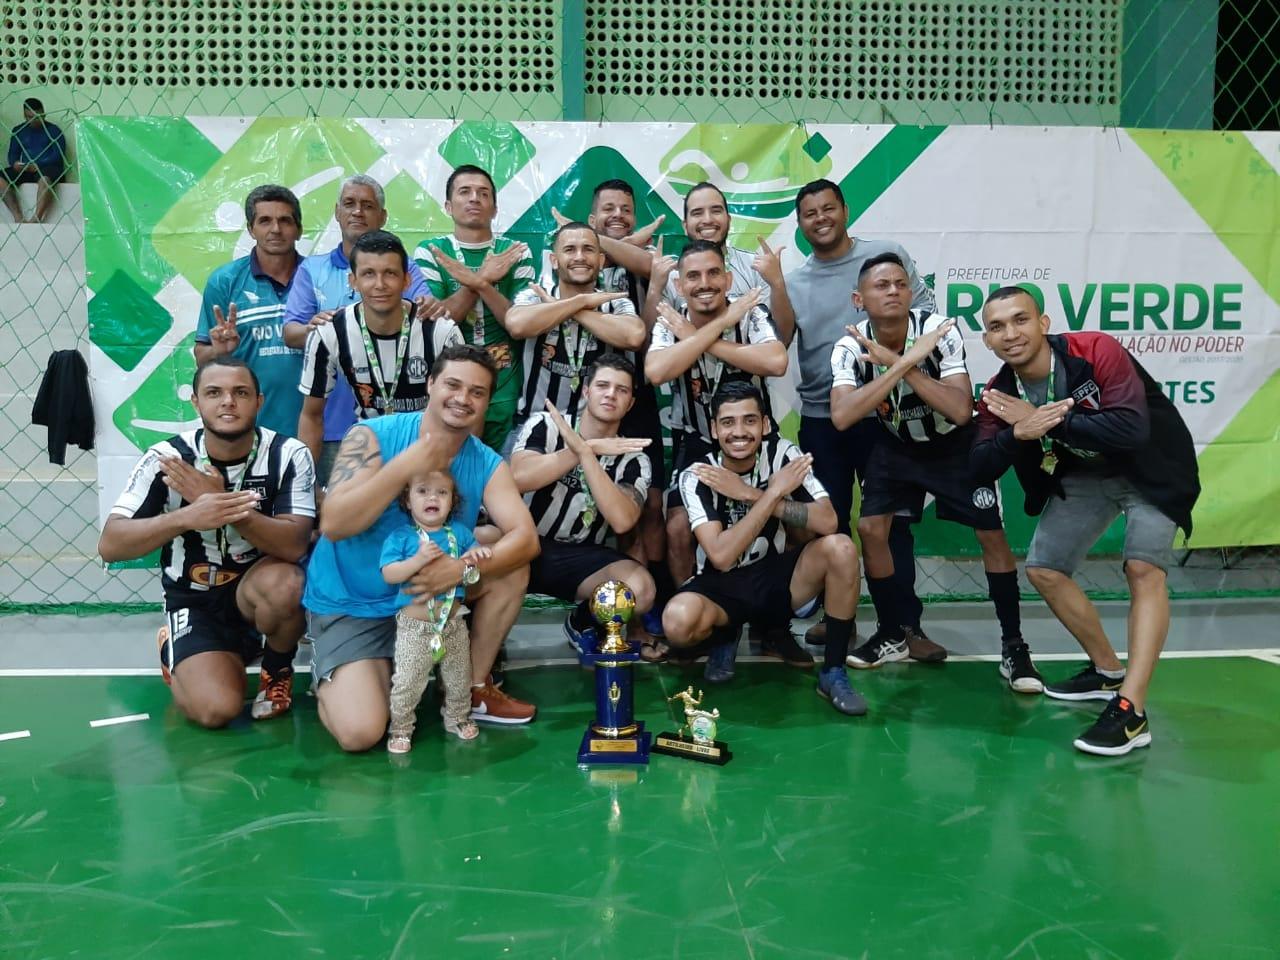 Vidromar FC é campeão rio-verdense de futsal masculino